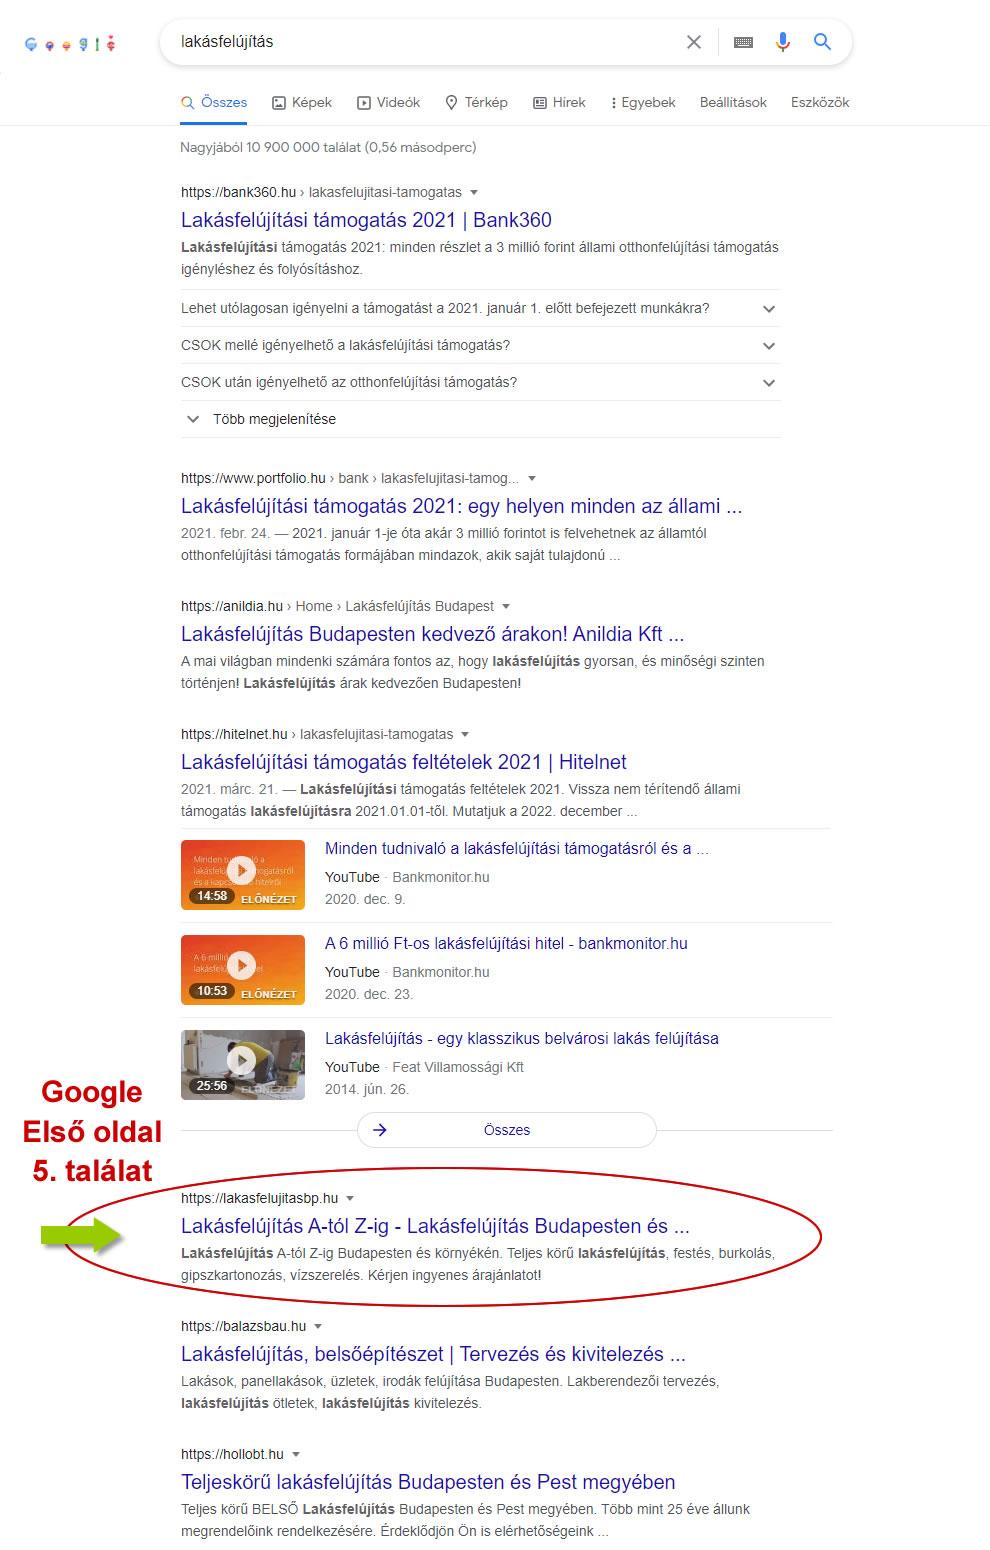 Keresőoptimalizálás eredménye lakásfelújítás keresésre a weboldal a Google első oldalán az 5. helyen jelenik meg